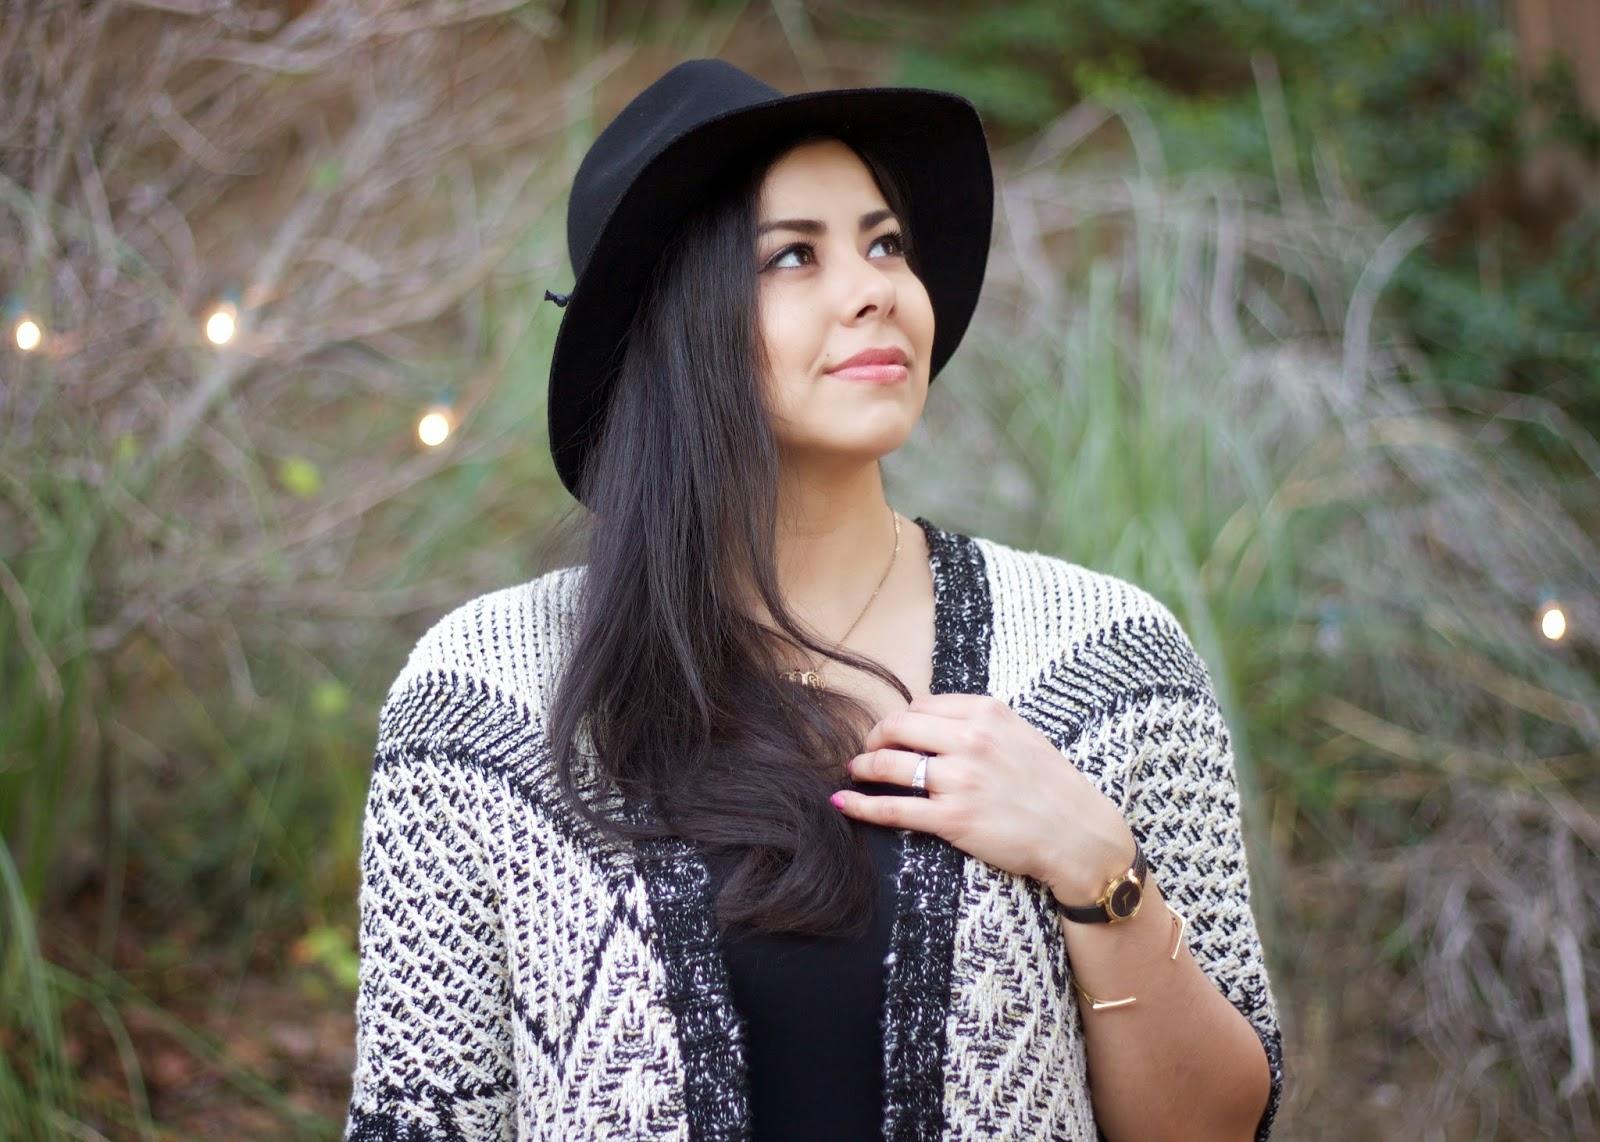 san diego fashion, san diego fashion blogger, san diego style bloggers, san diego street style, sd fashion, fashionweeksd